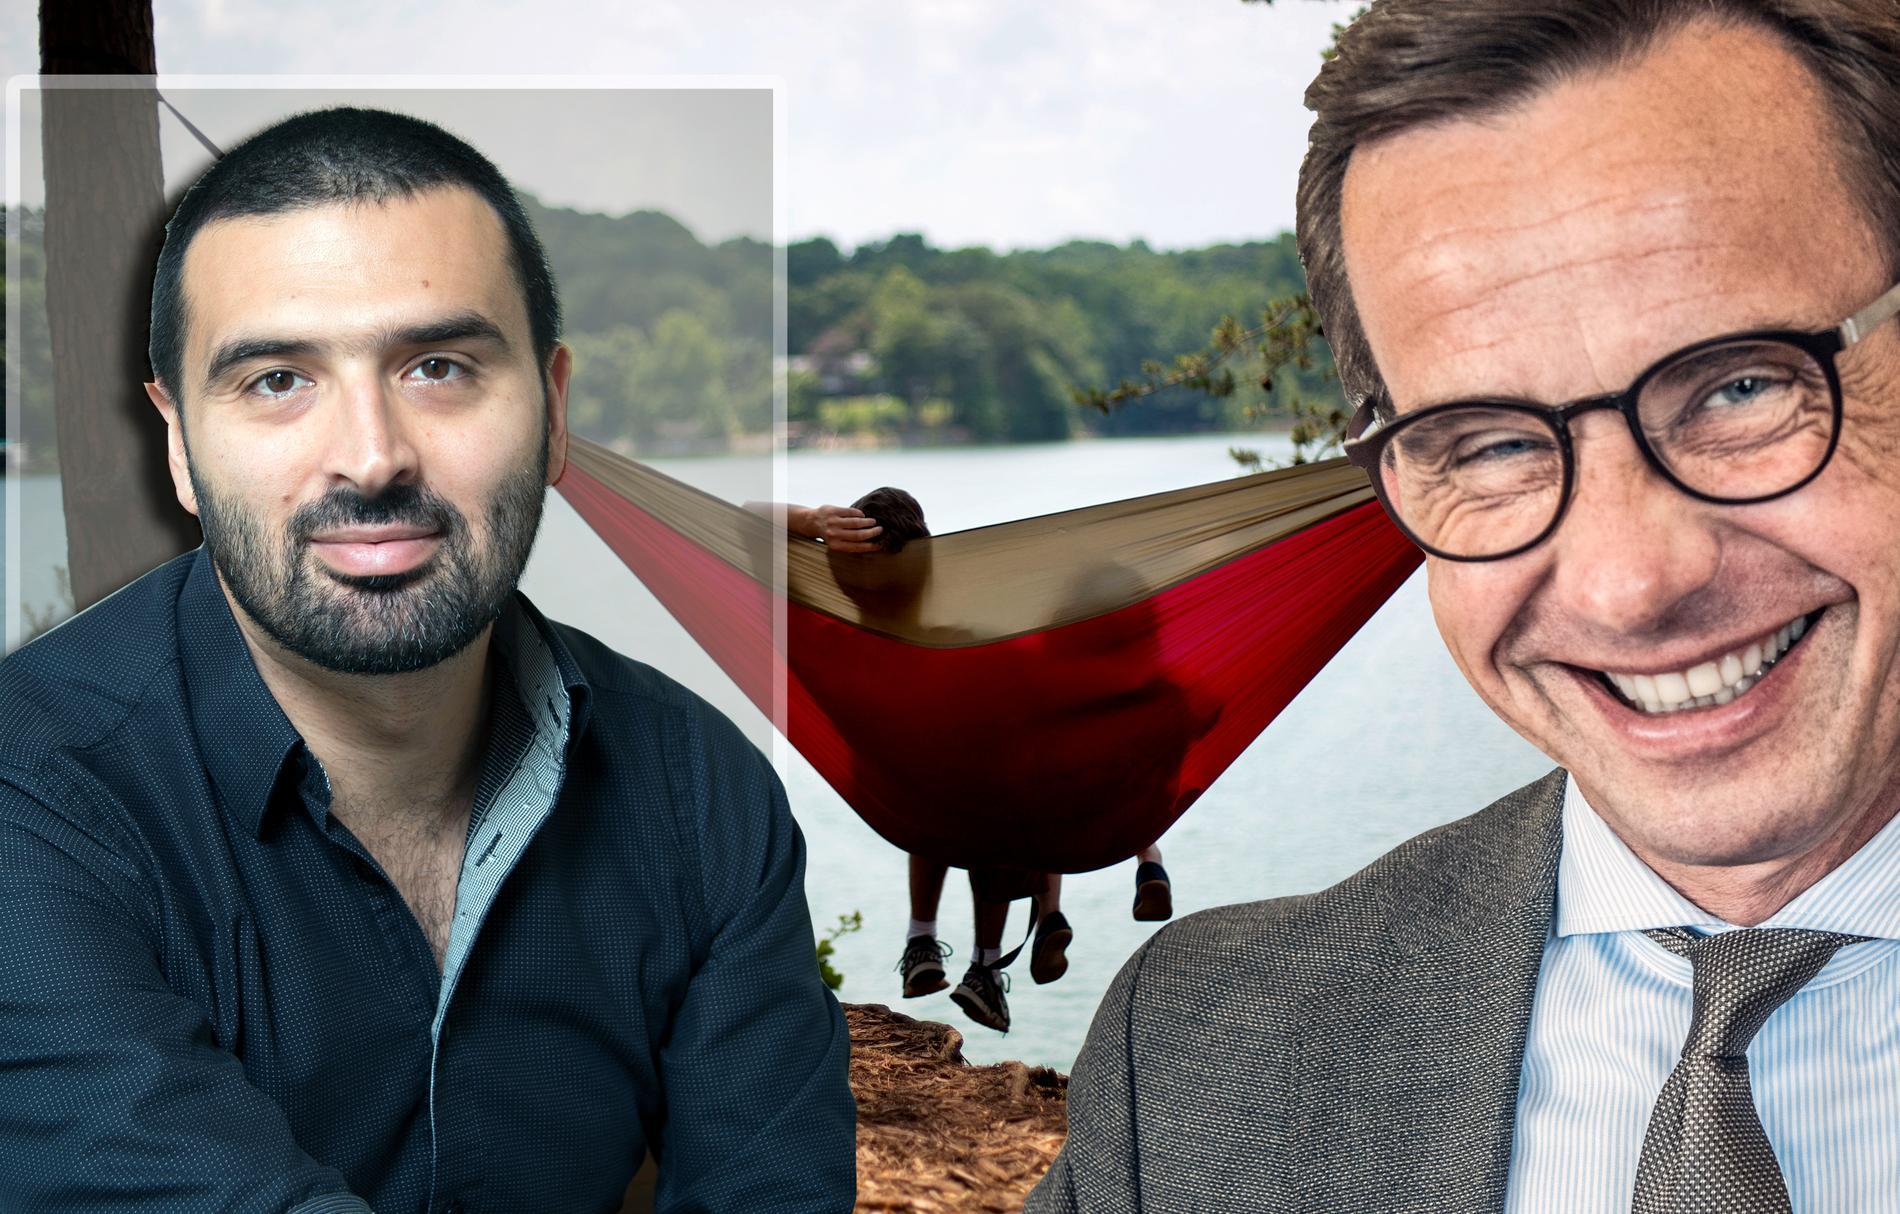 Moderaterna har varit emot de flesta reformer som gjort livet bättre för vanligt folk, skriver vänsterpartisten Ali Esbati